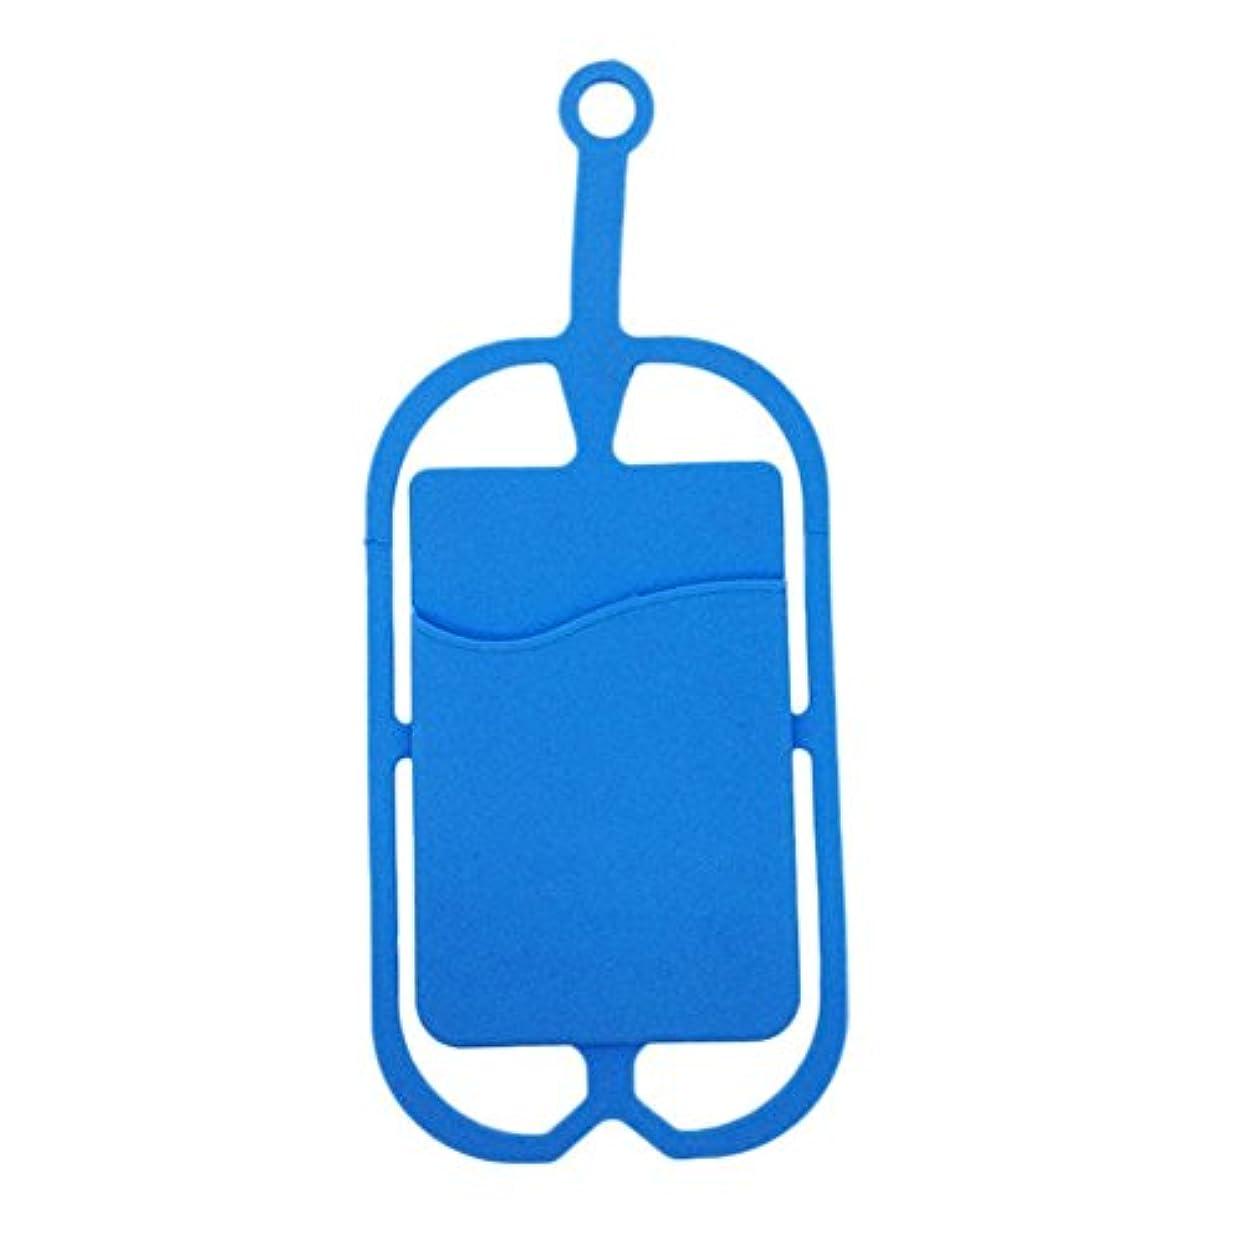 バタフライ寄稿者チームJicorzo - ロープ環境に優しいユニバーサルシリコーン電話ケースカードカバーバス銀行IDカードケースホルダー